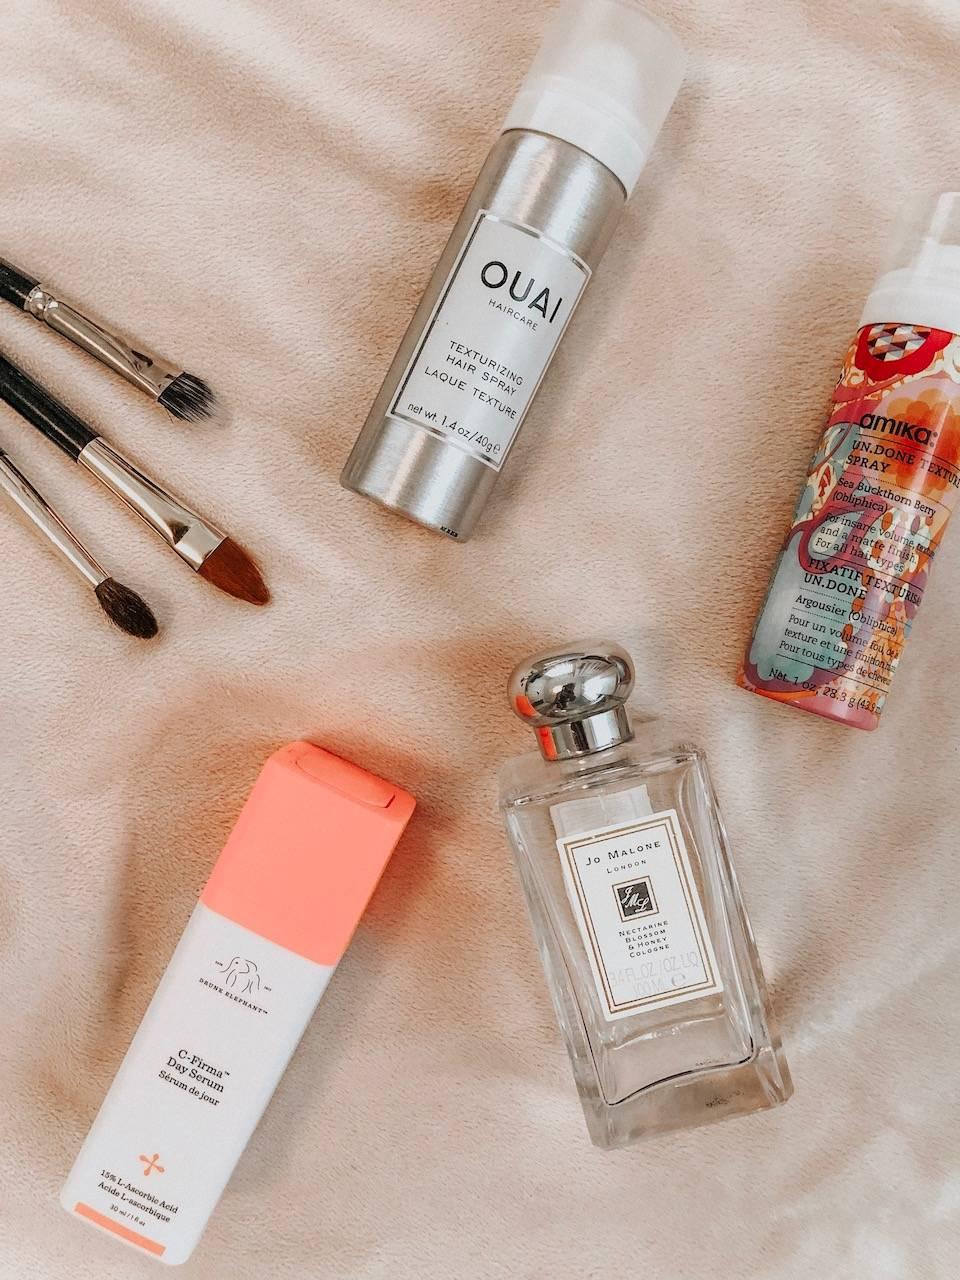 Daily Splendor - August Instagram Roundup #beauty #skincare #makeup #fragrance